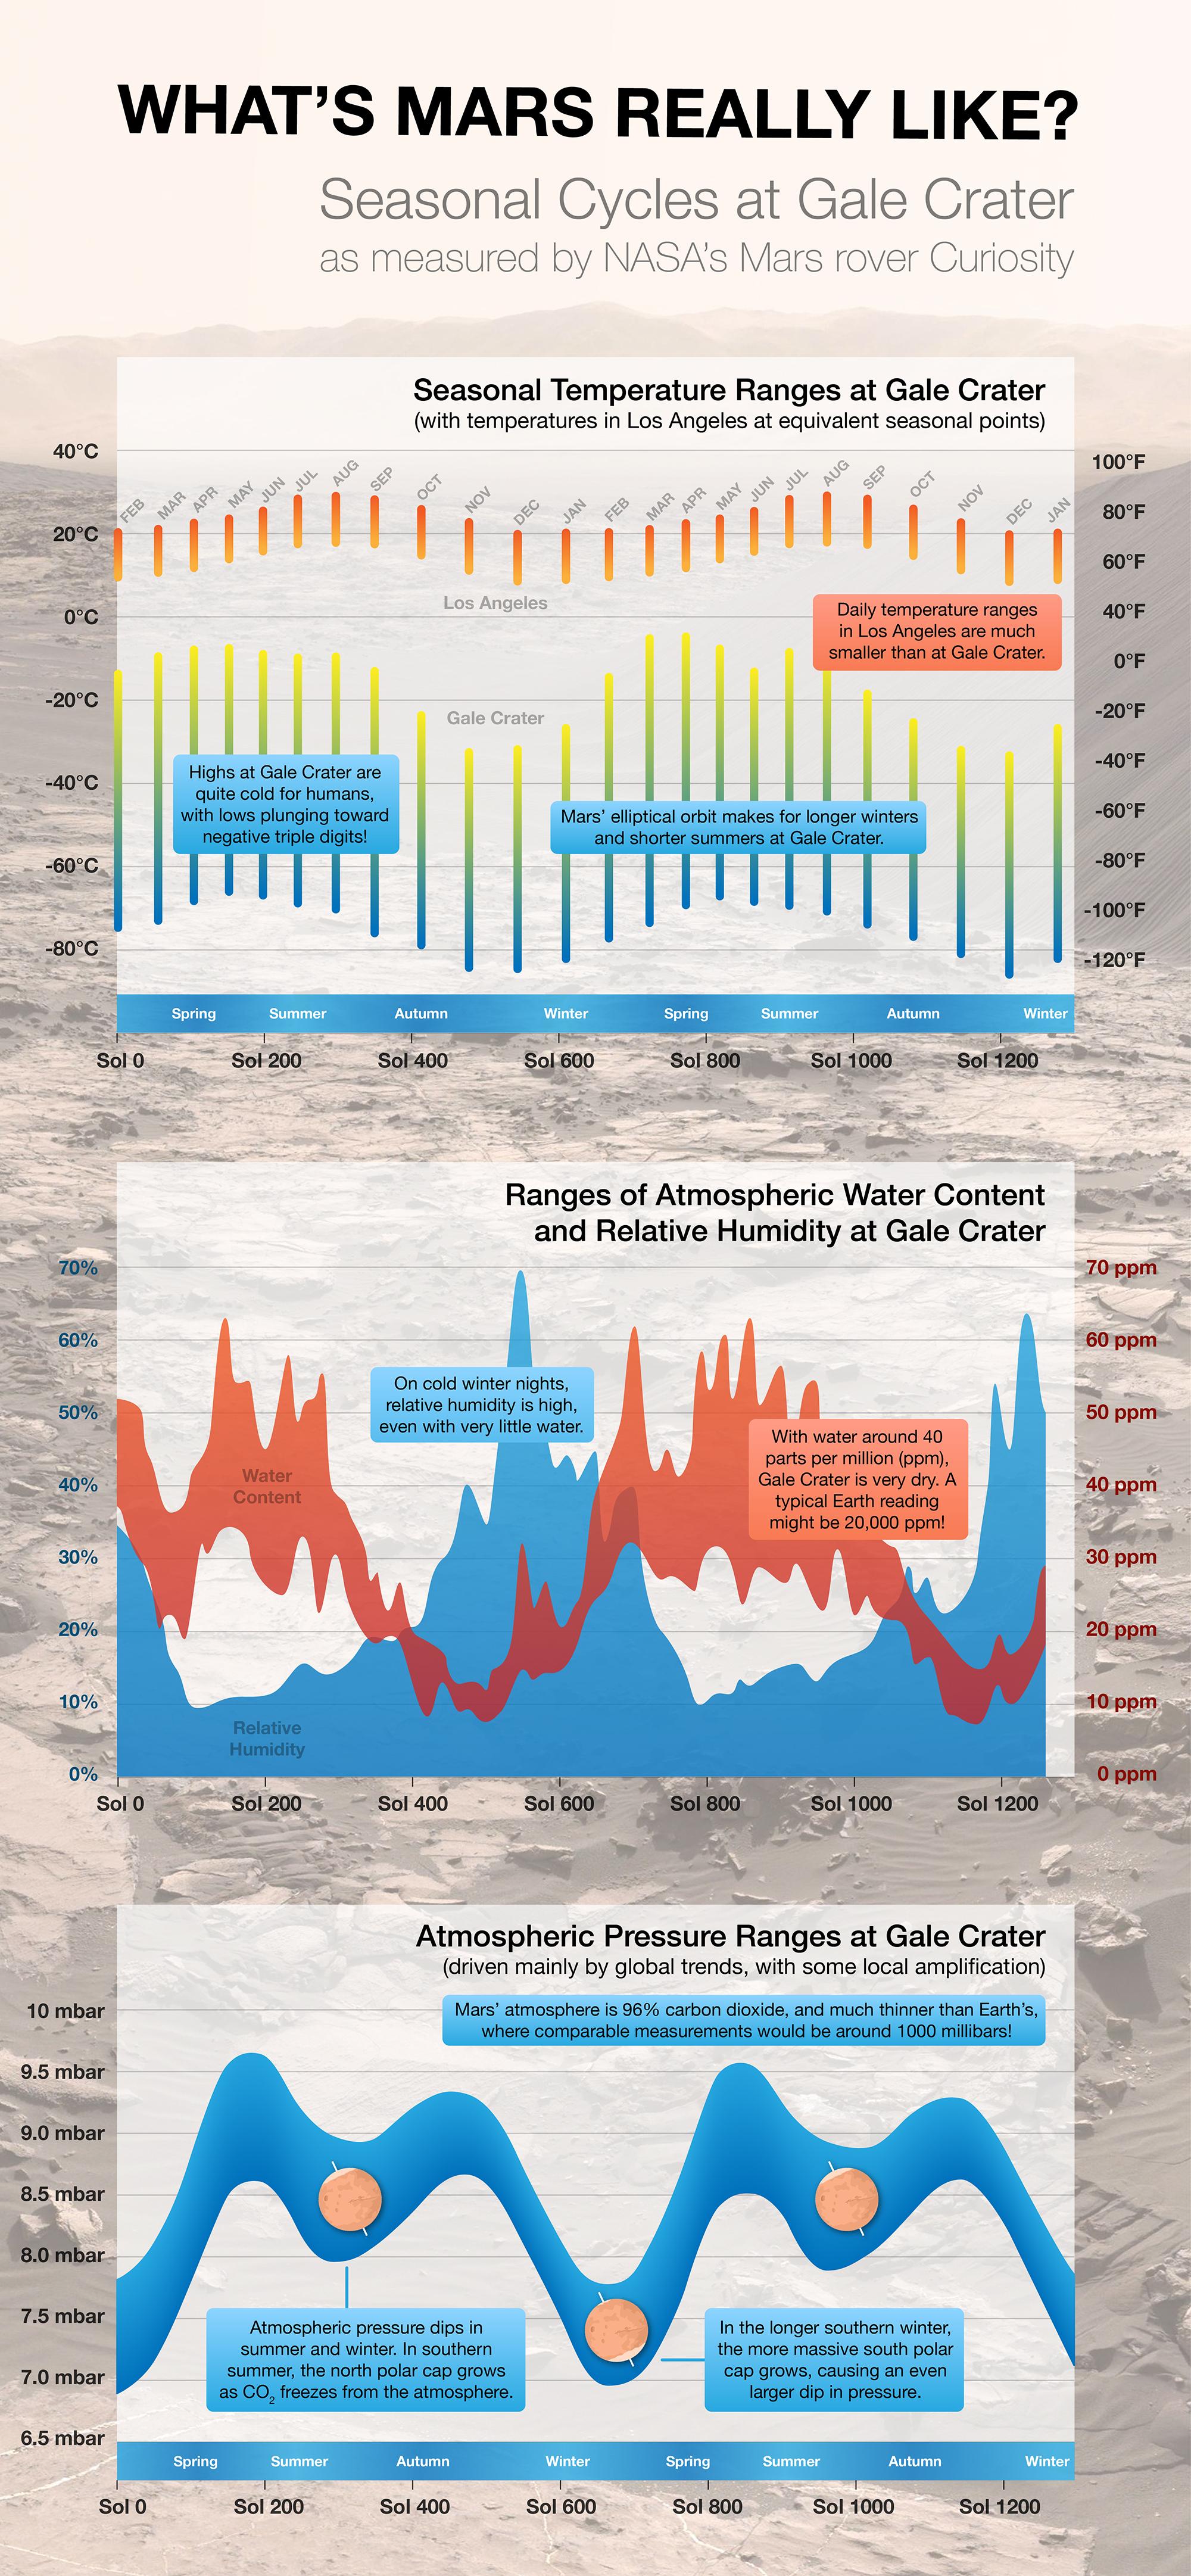 MarsAtmospheric_infographic-v06-72ppi